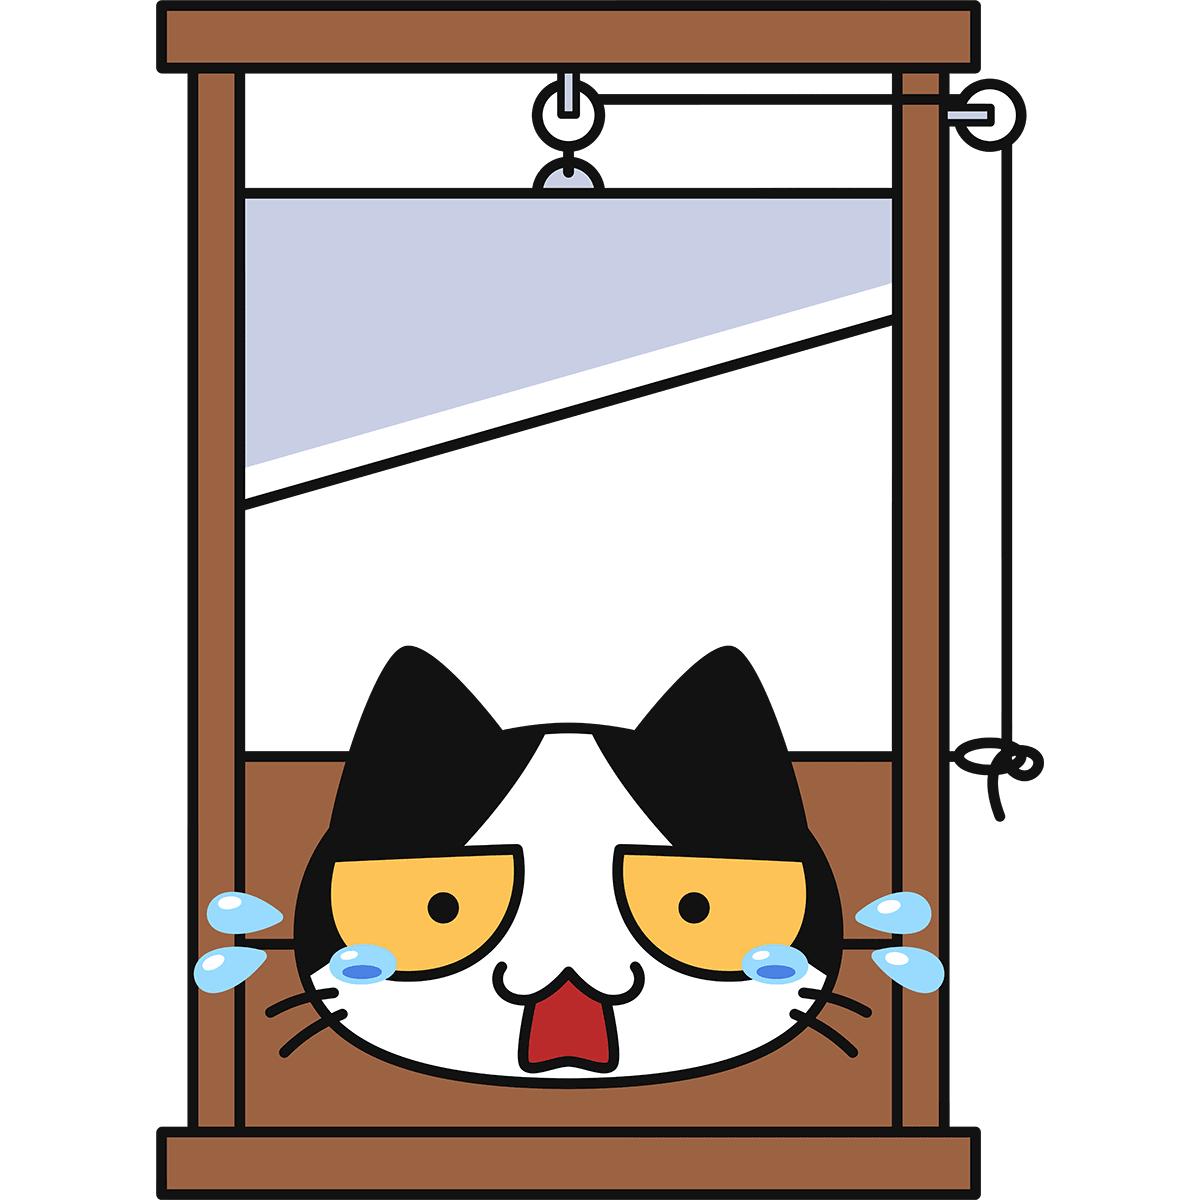 ギロチンの刑になる猫の無料イラスト